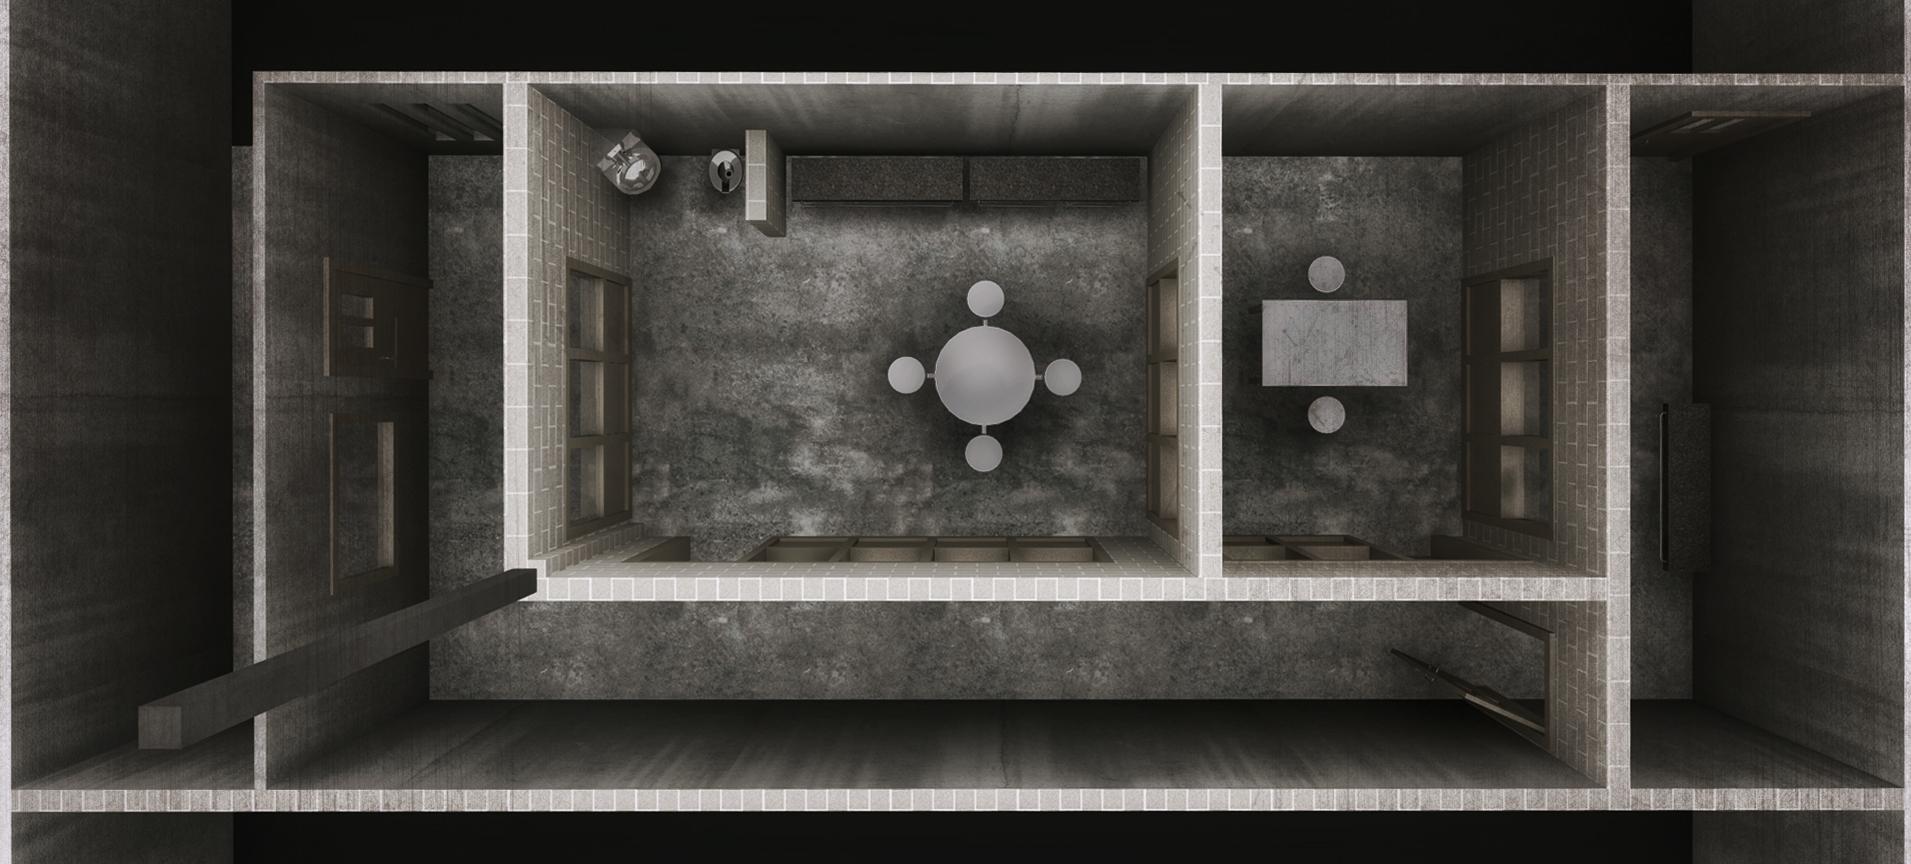 PRISON VISITATION ROOM - 3D RENDERED PLAN